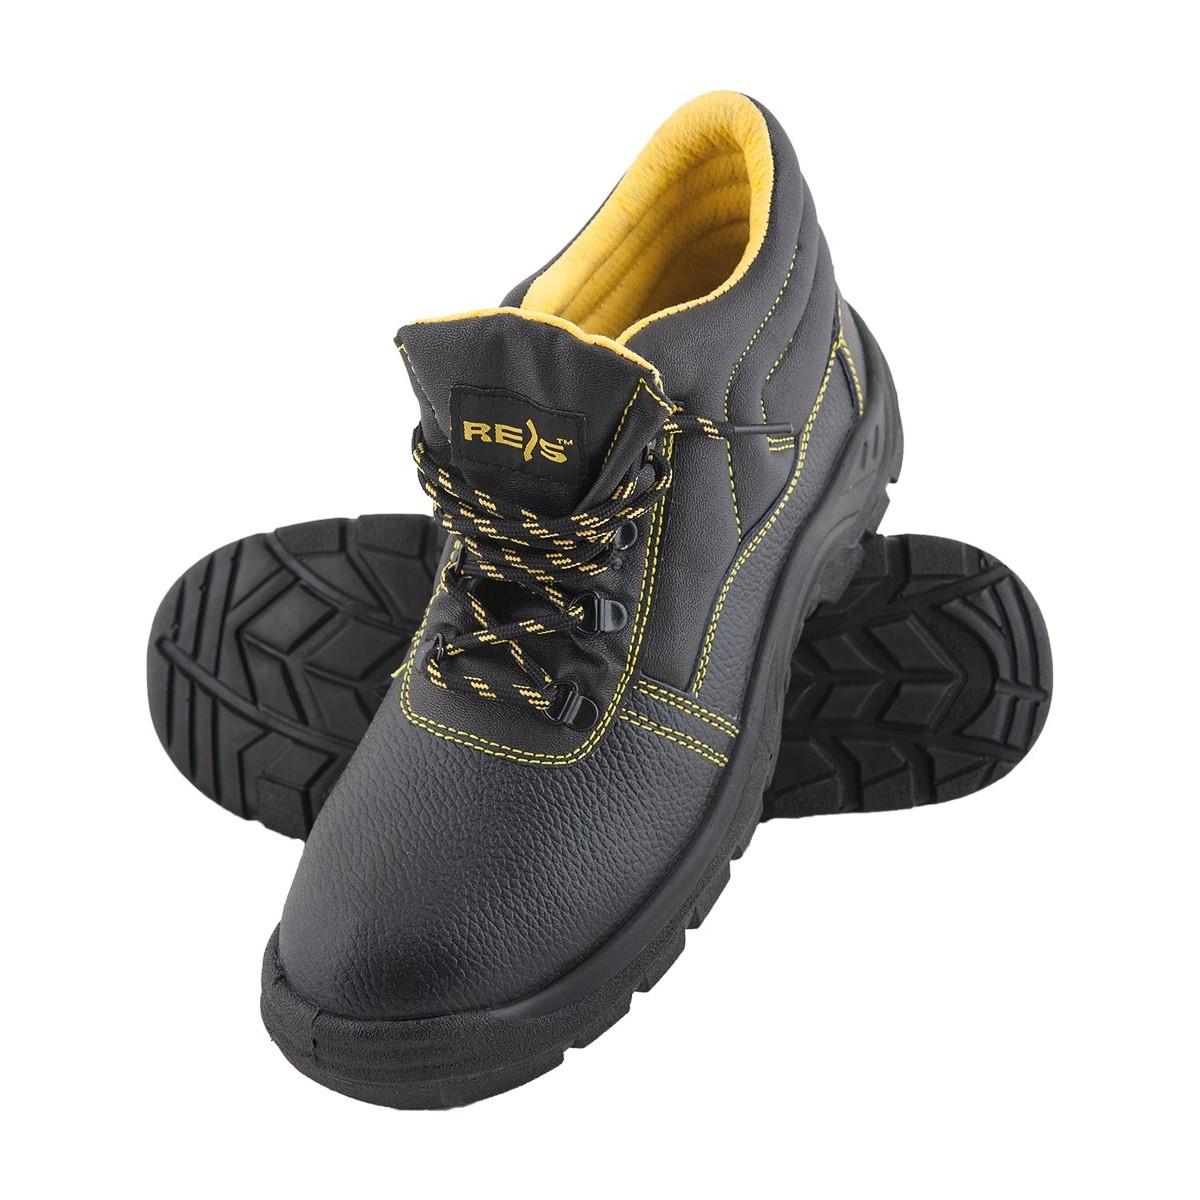 Buty robocze bezpieczne REIS YES SB E FO SRC r. 36-50